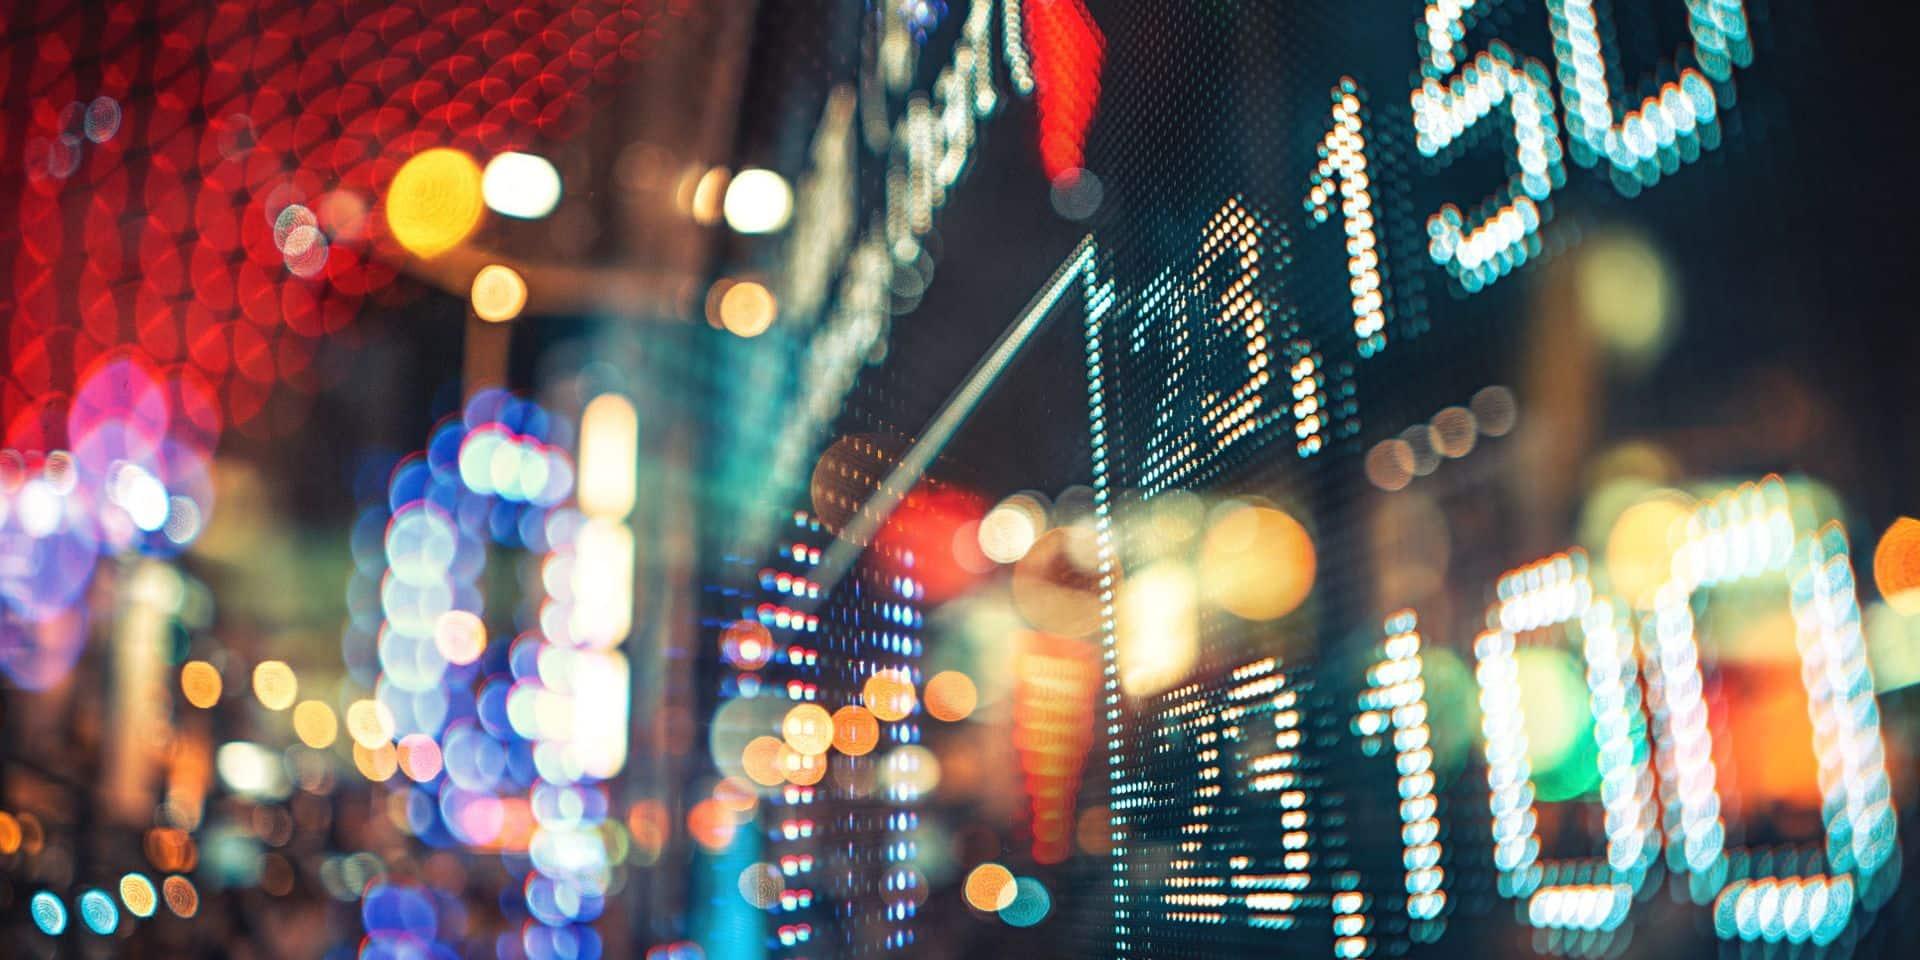 Les Bourses européennes en recul, le BEL 20 se maintient au-dessus des 3 800 points